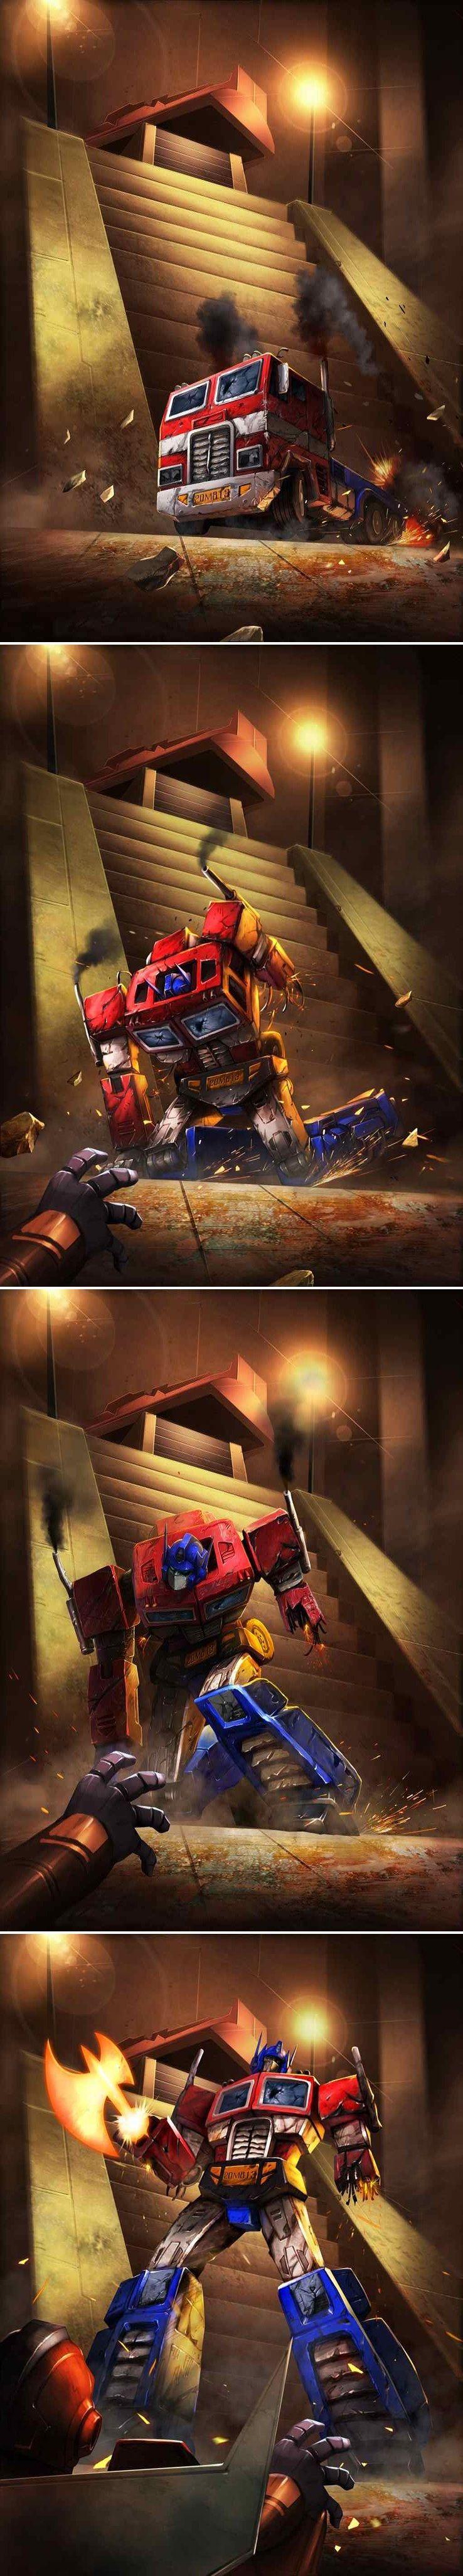 TRANSFORMERS LEGENDS:Optimus Prime